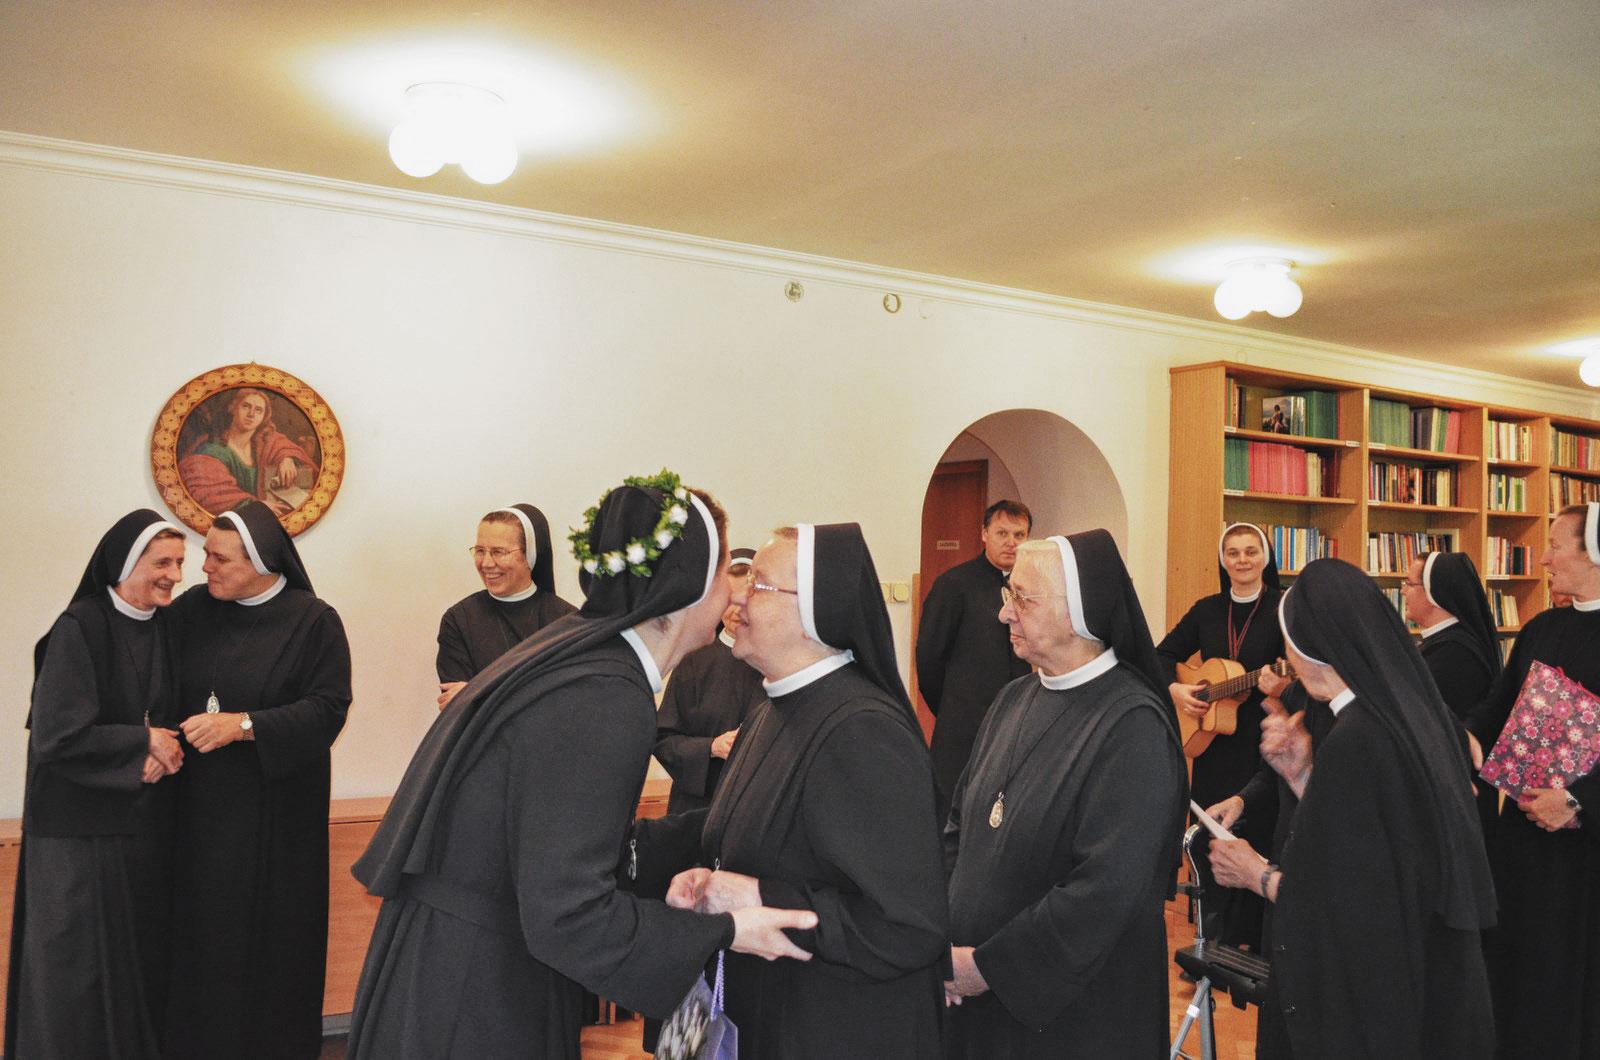 Sióstr_św_Elżbiety-Pierwsze_Śluby_fotorelacja-I-SLUBY-DSC_0615-min.jpg